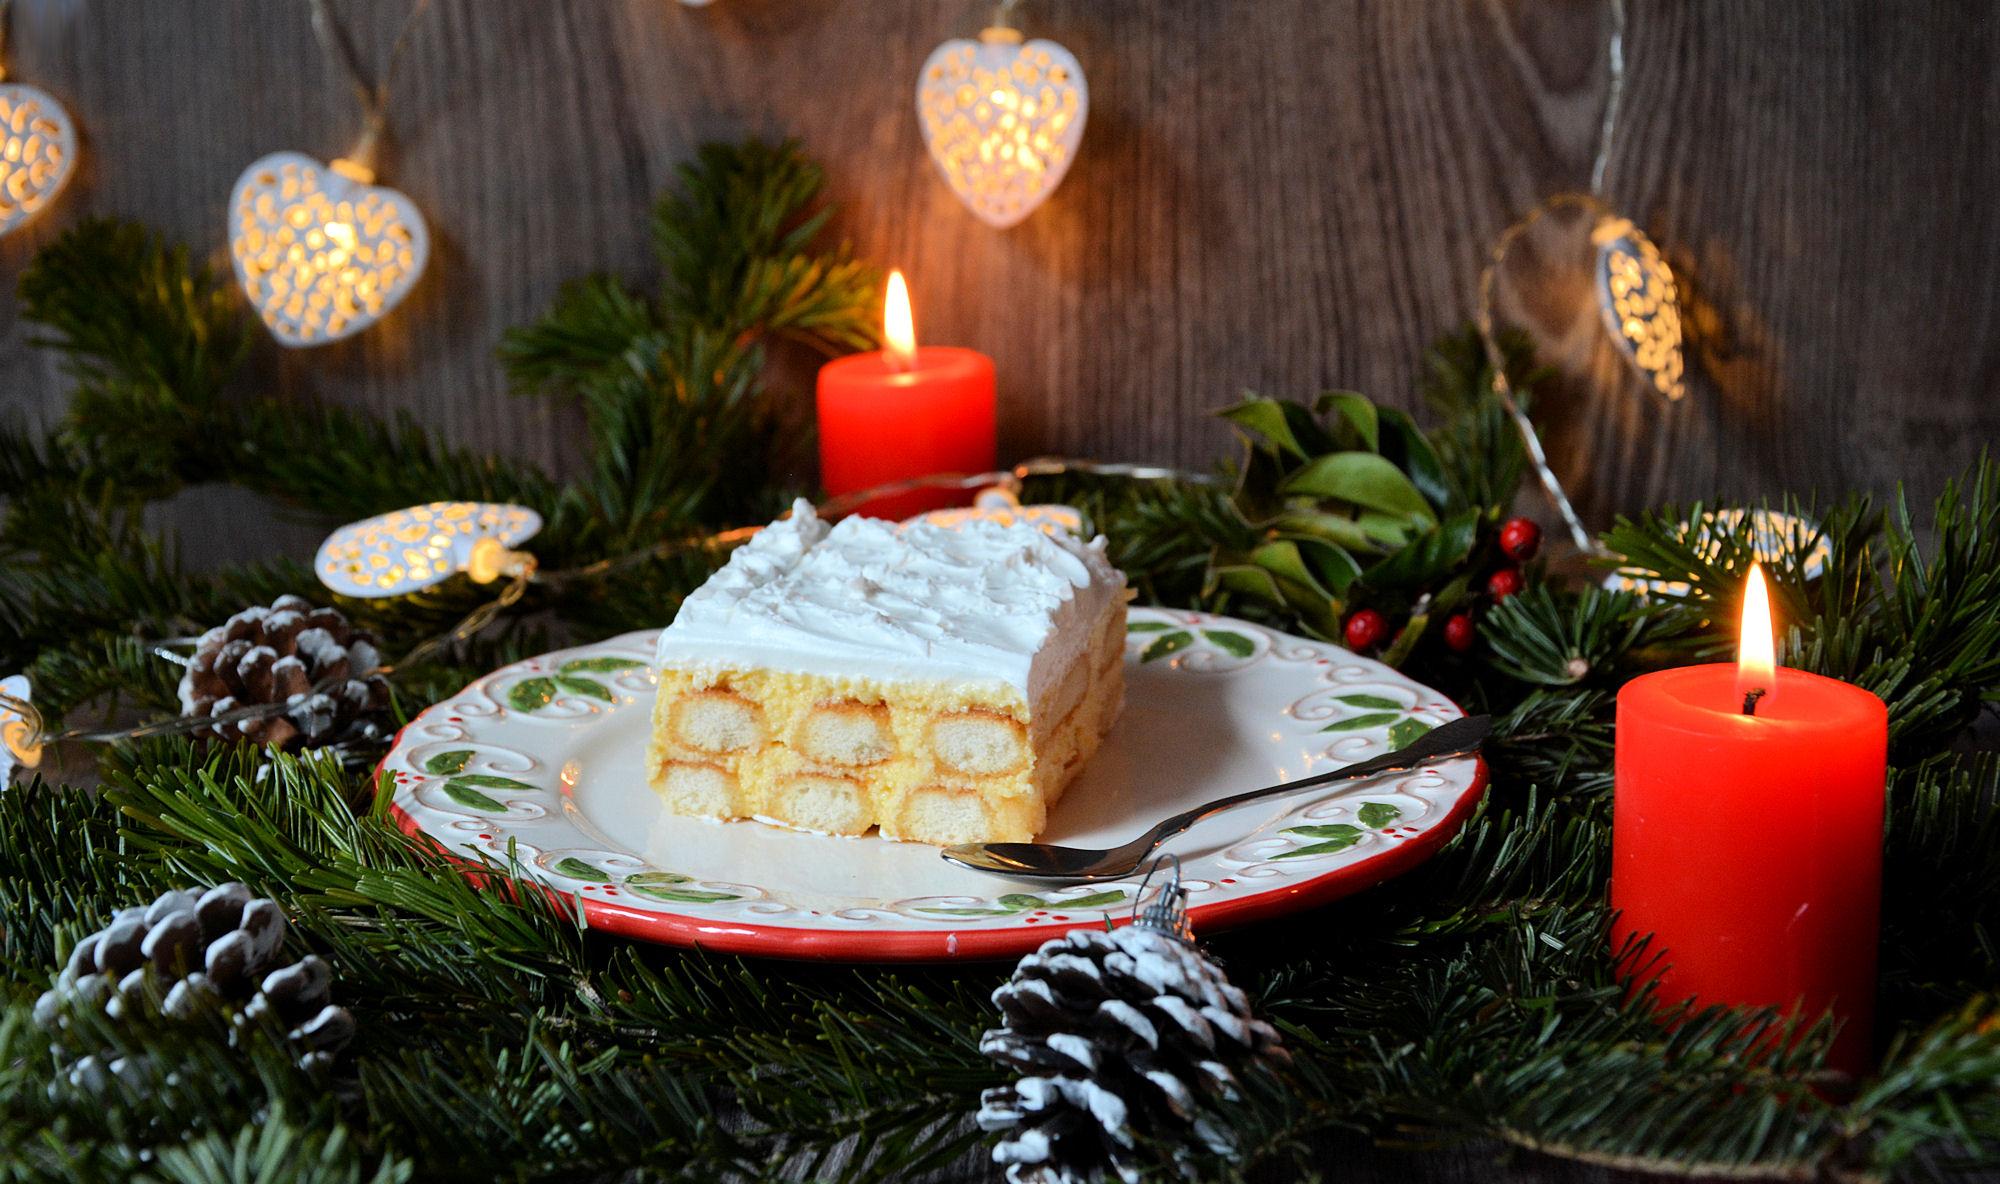 Torta sa piškotama i kiselom pavlakom (video)